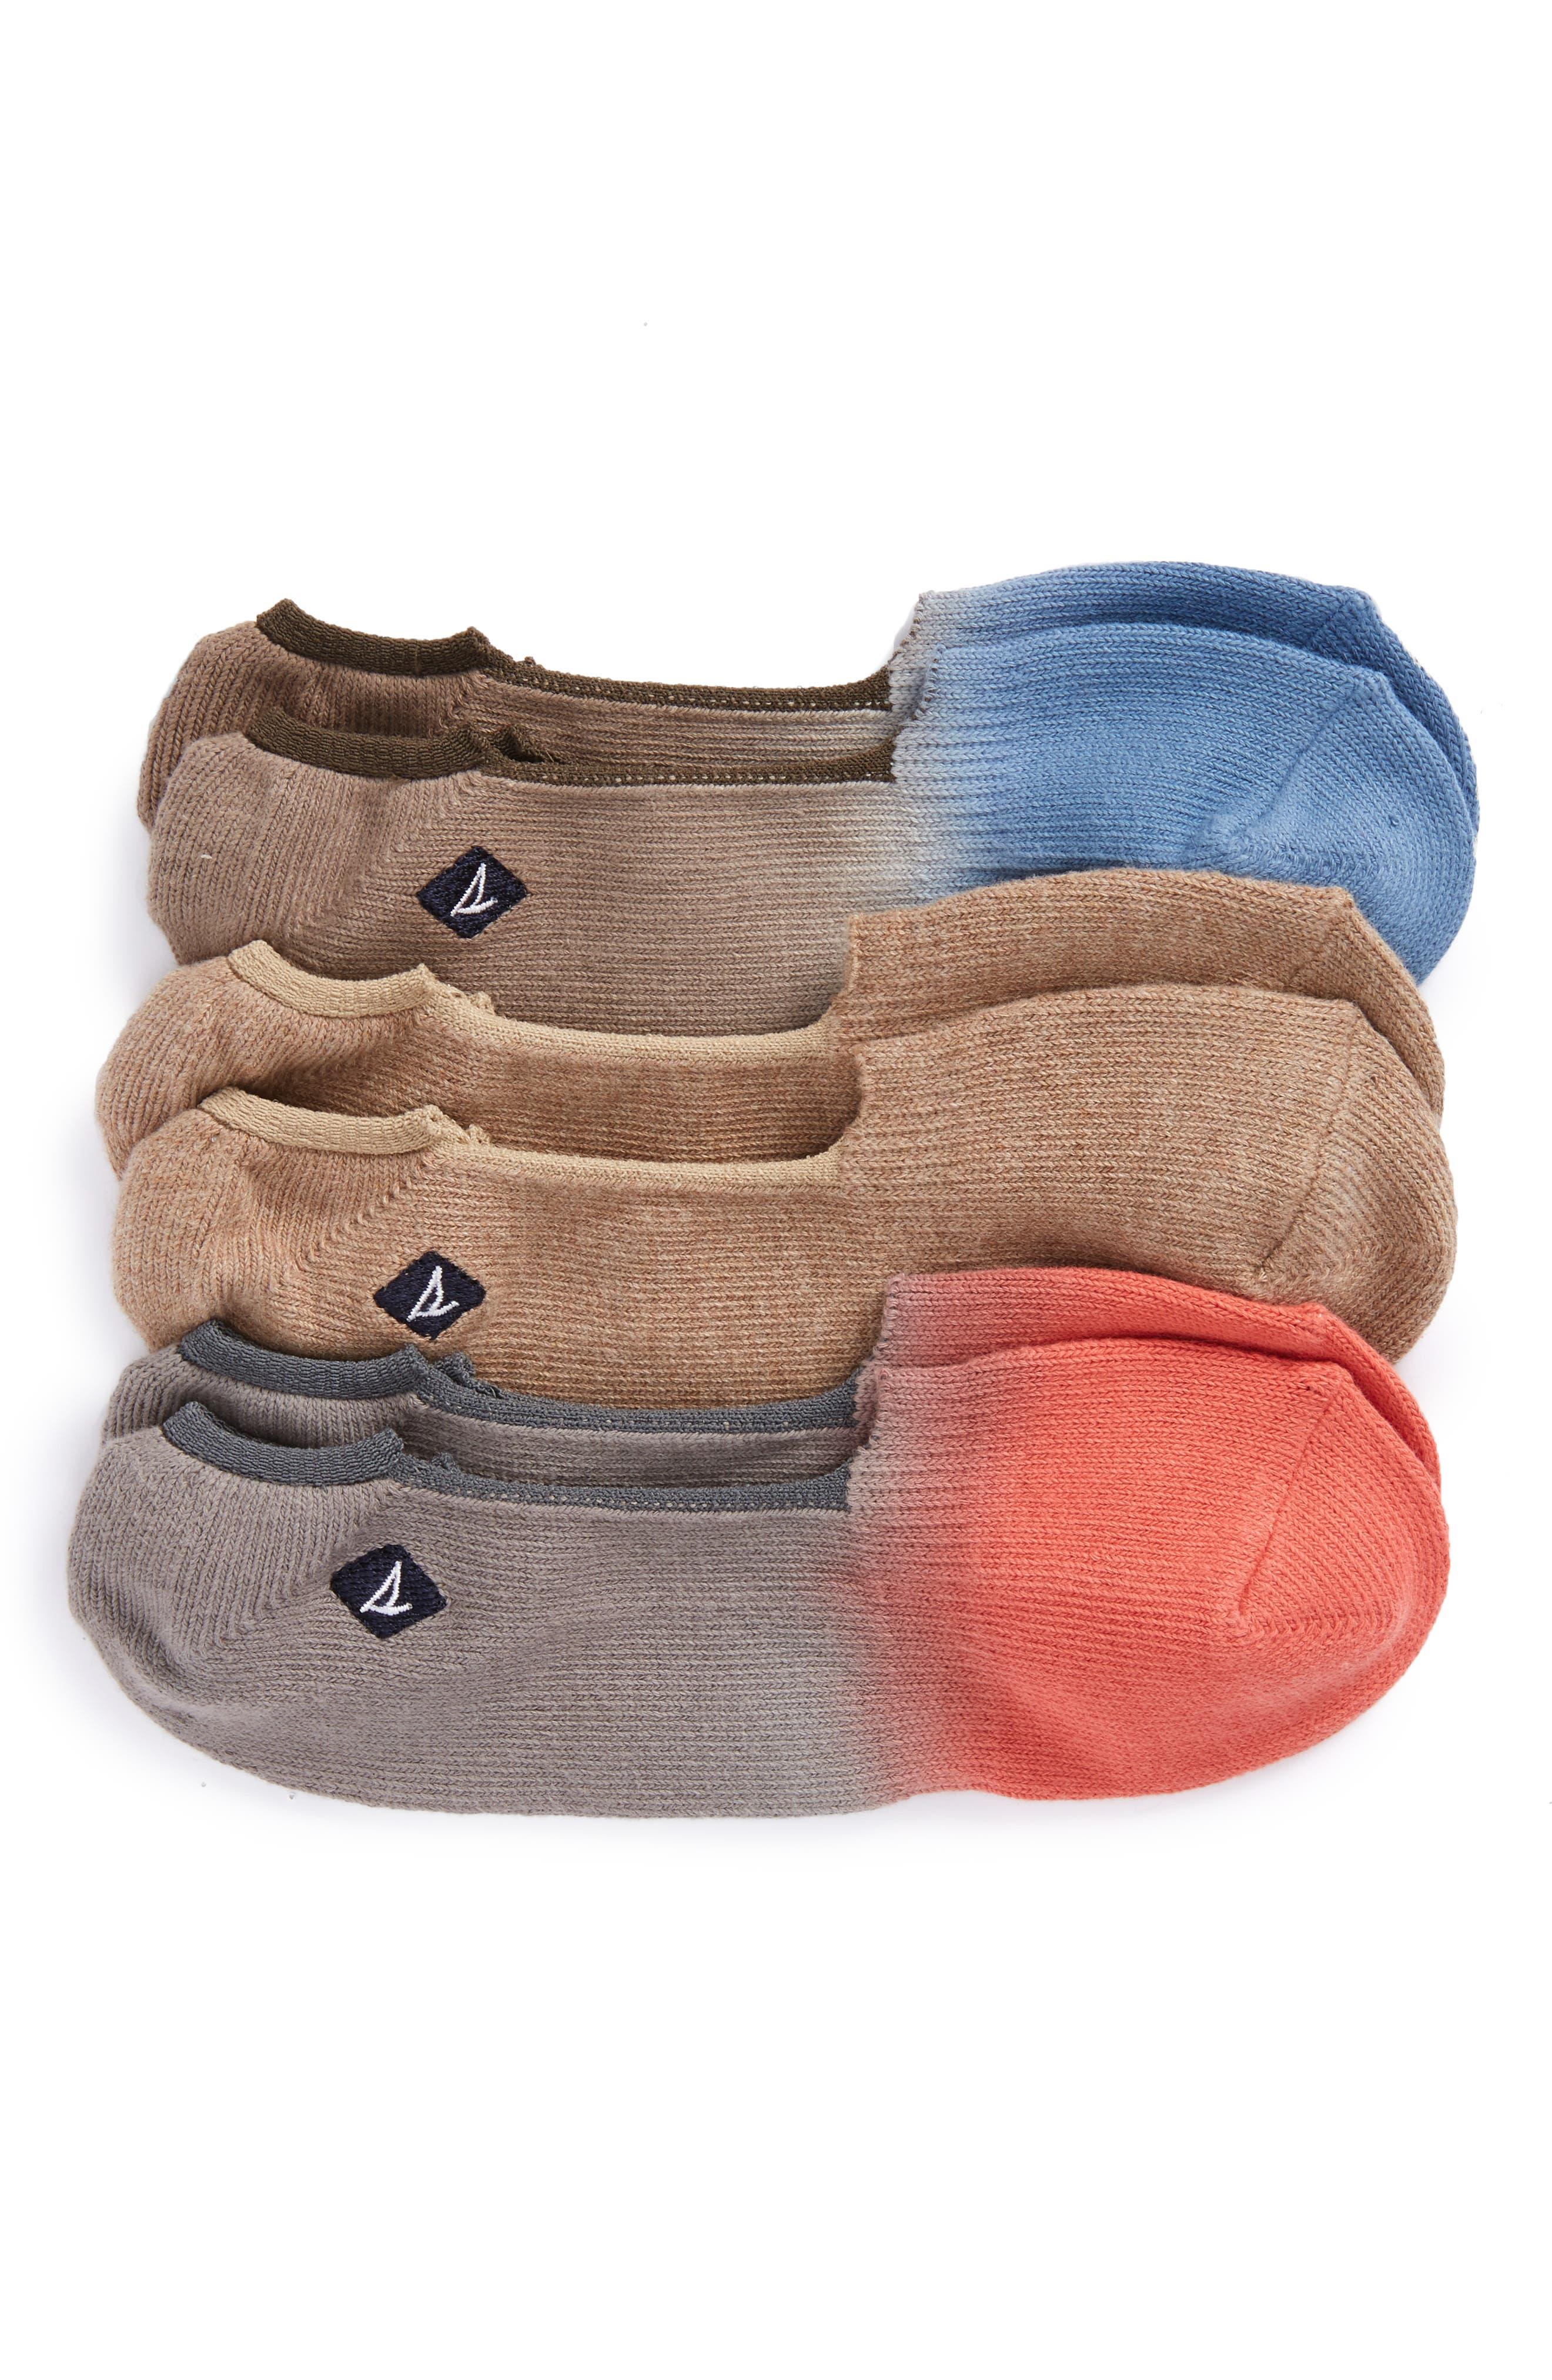 Sperry 3-Pack Liner Socks